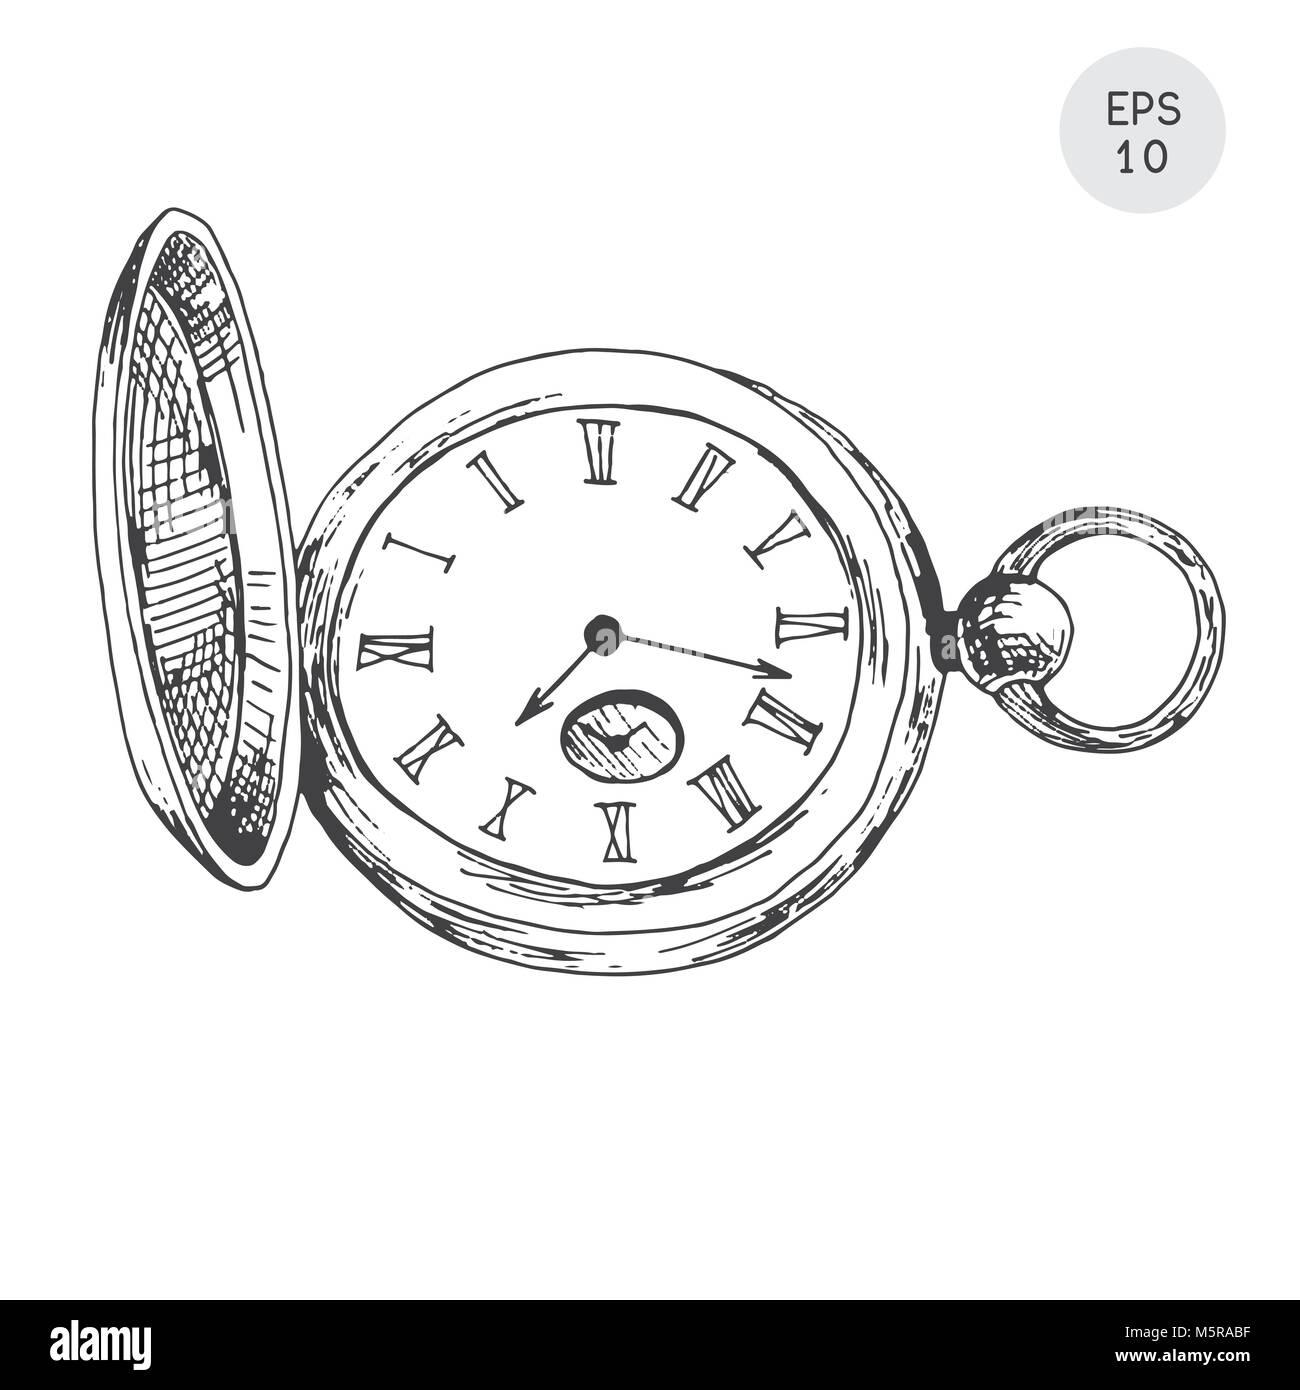 Sobre Blanco Aislado Reloj Fondo En Retro Bolsillo De Estilo QdCoWrBxe